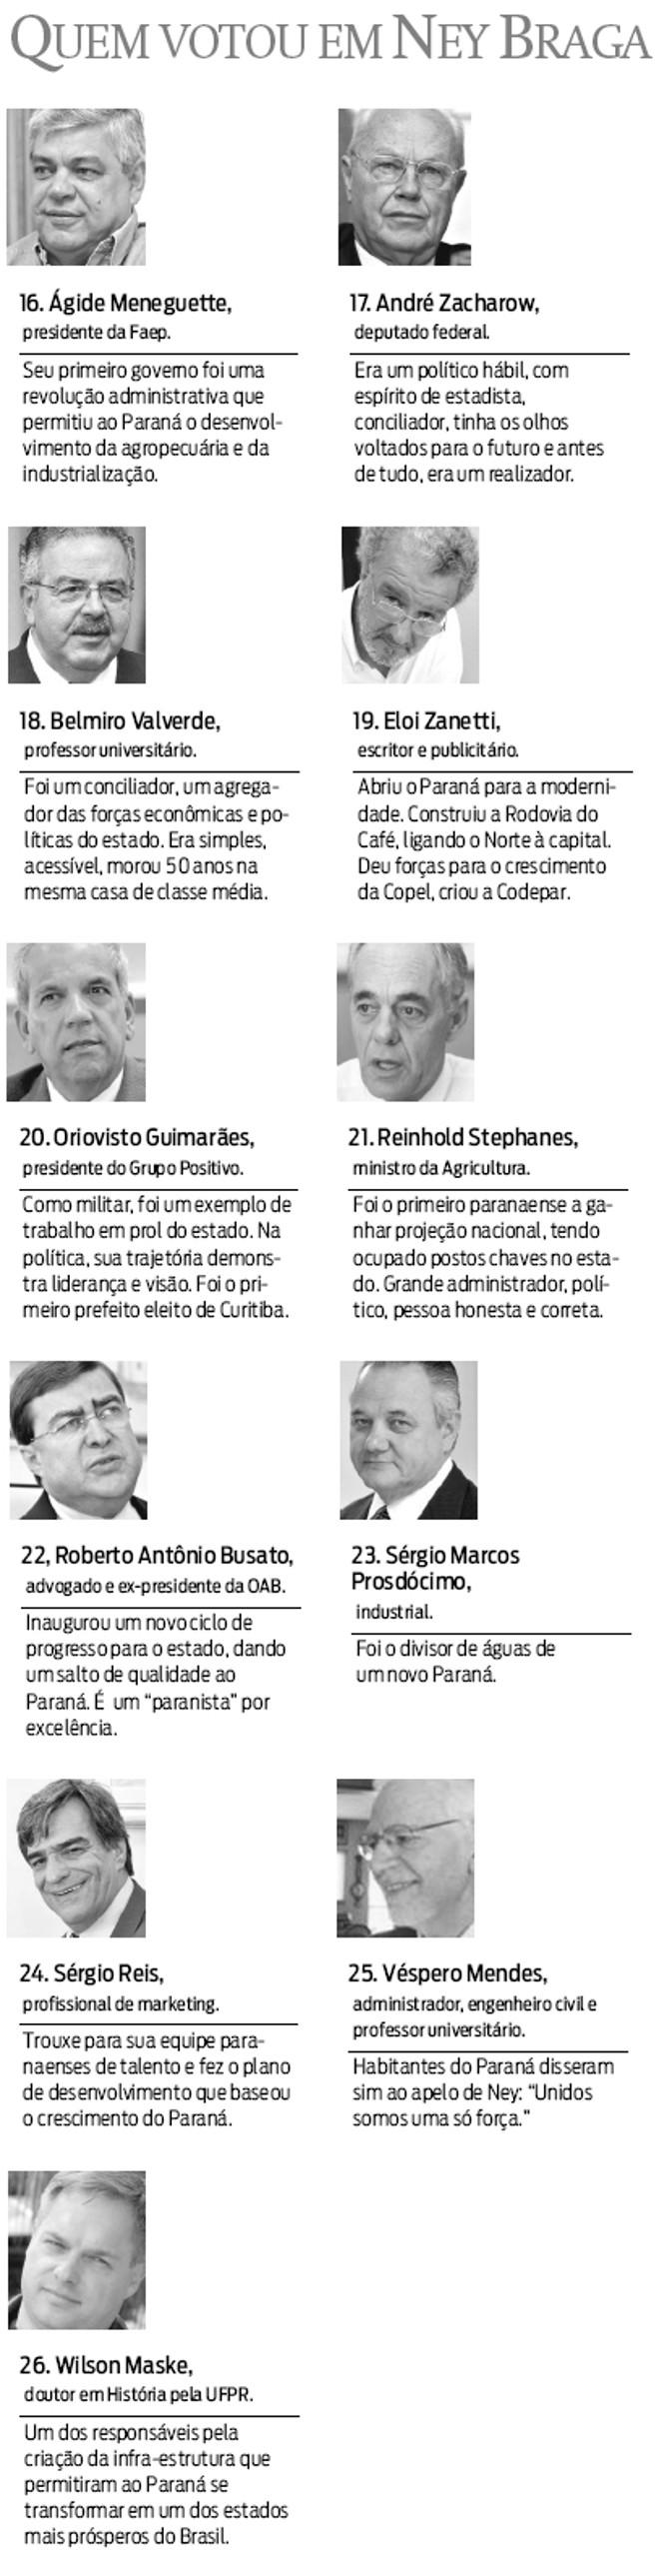 Quem votou em Ney Braga |